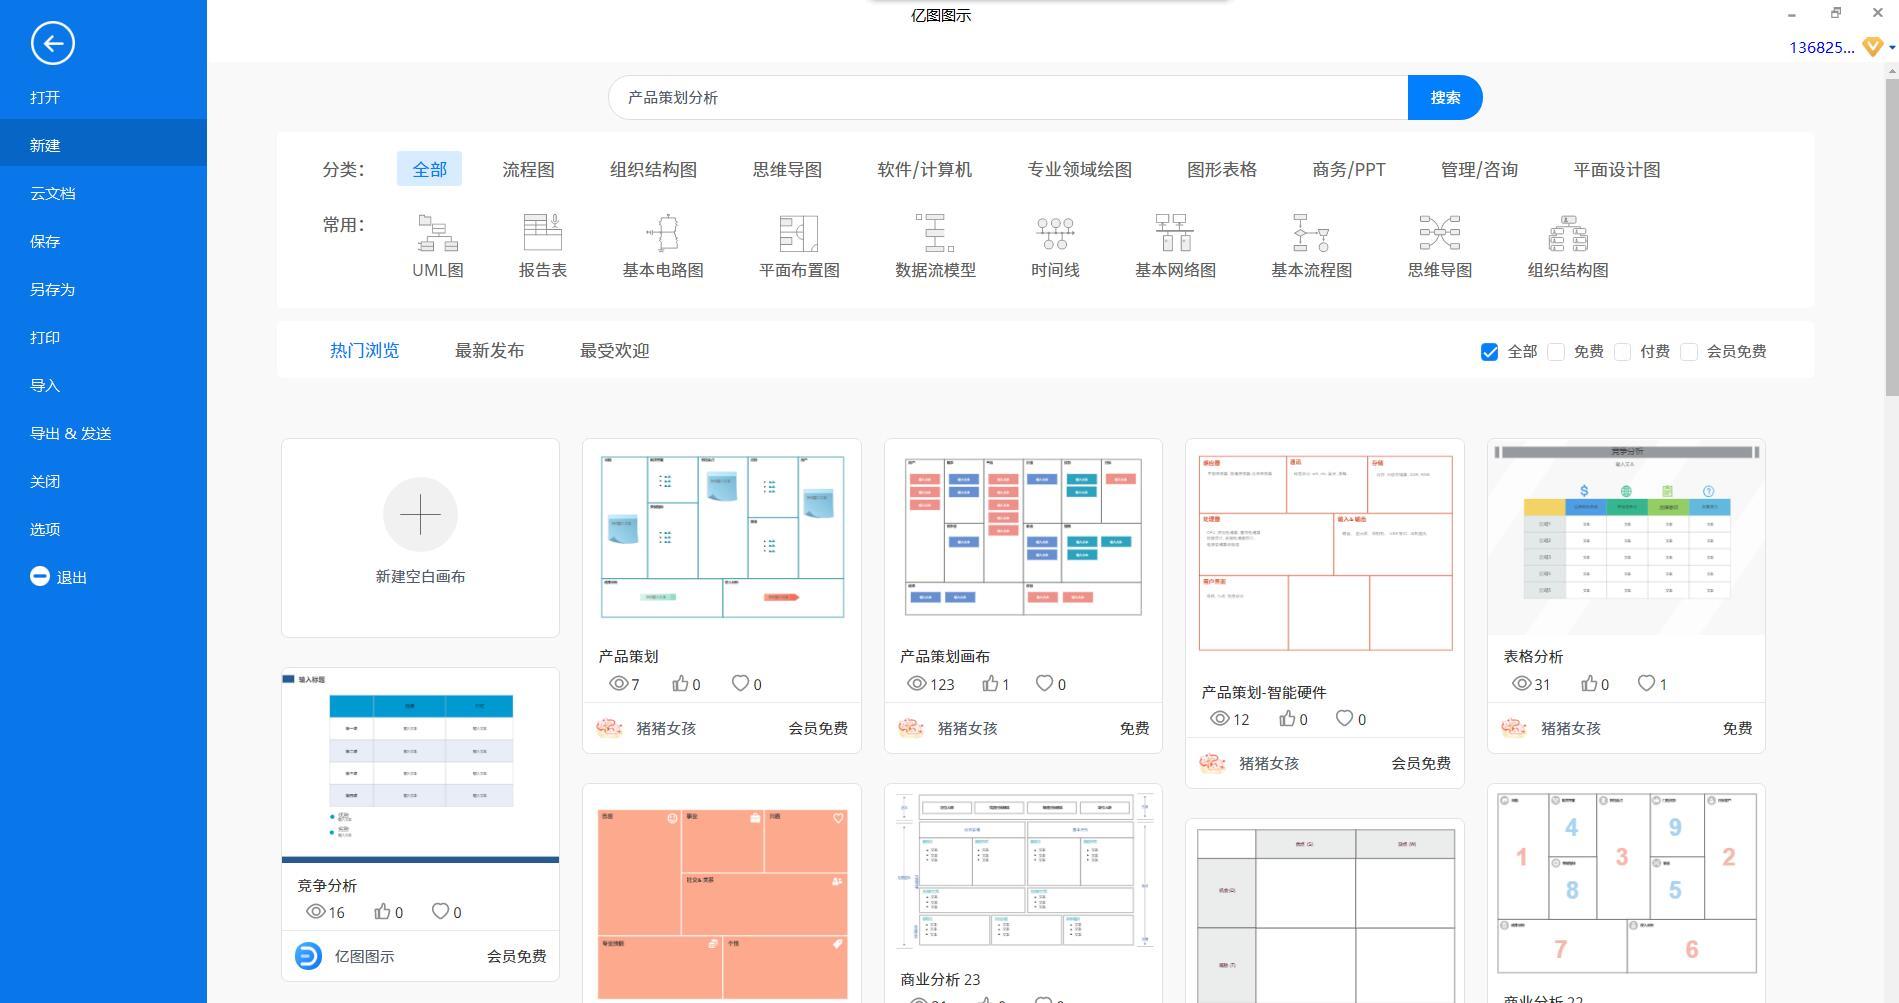 产品策划分析图新建